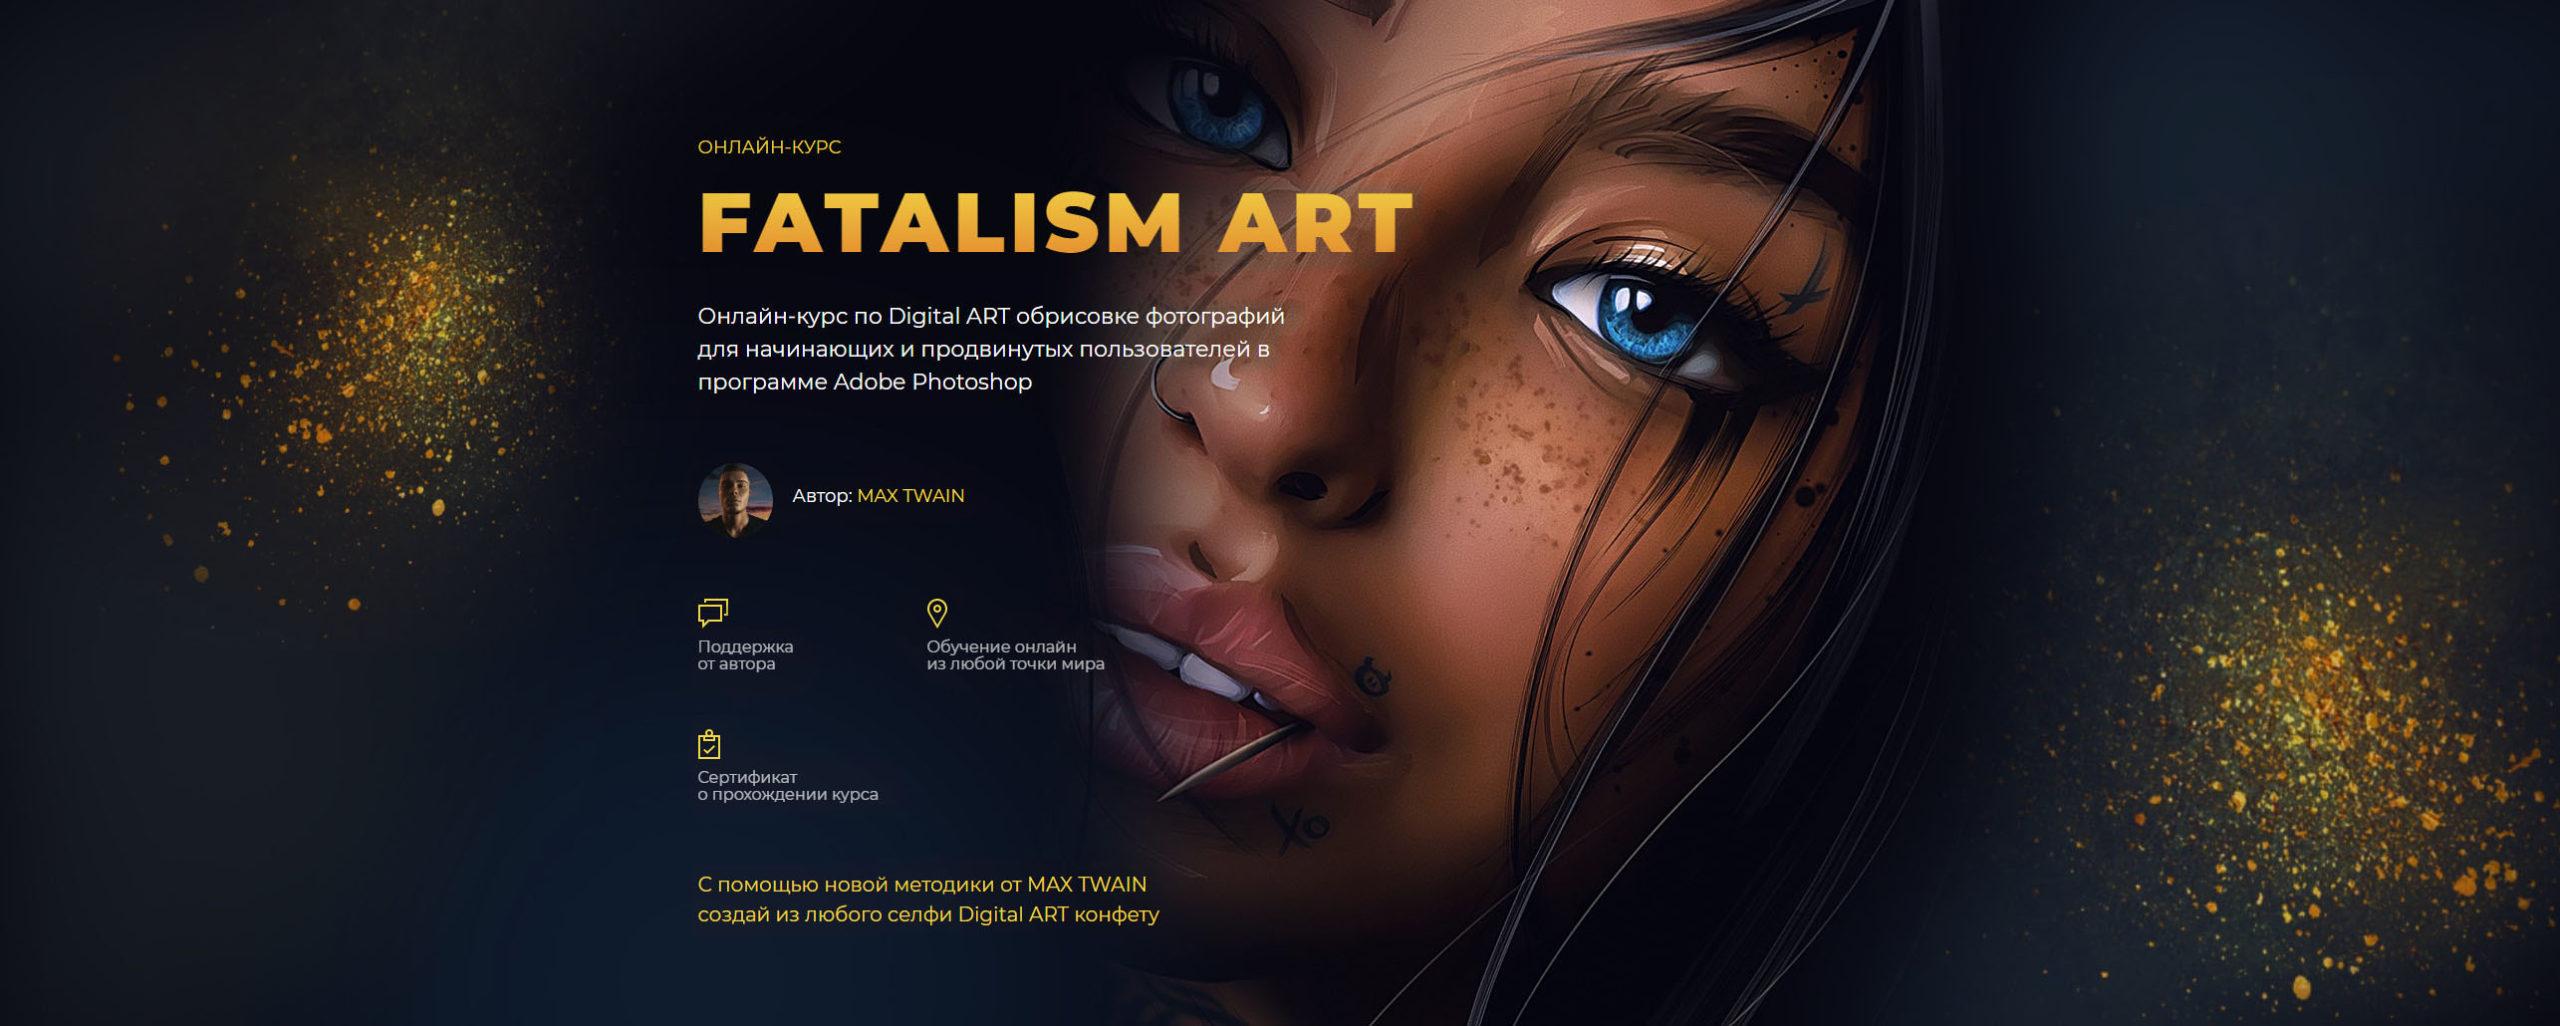 Онлайн-курс по Digital ART обрисовке фотографий